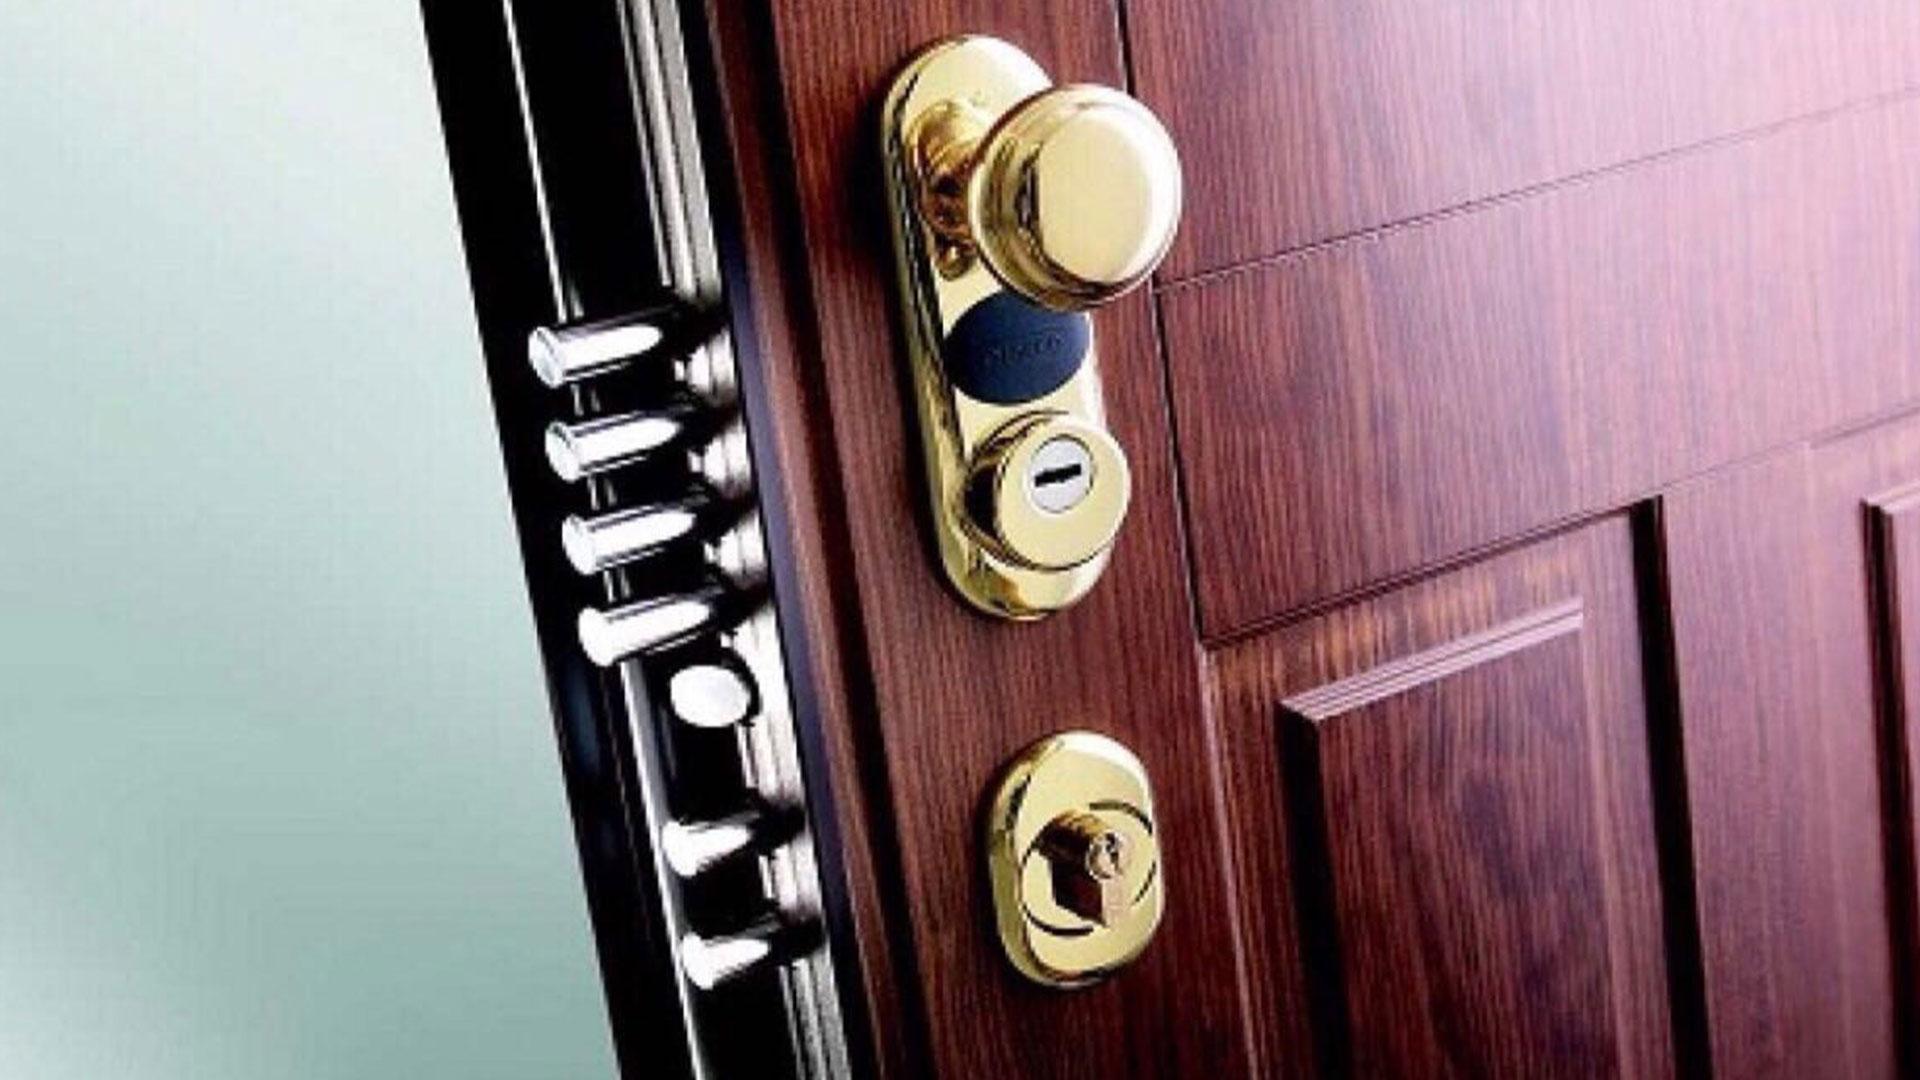 changement de cylindre pour serrure fichet cannes serrurier cannes. Black Bedroom Furniture Sets. Home Design Ideas